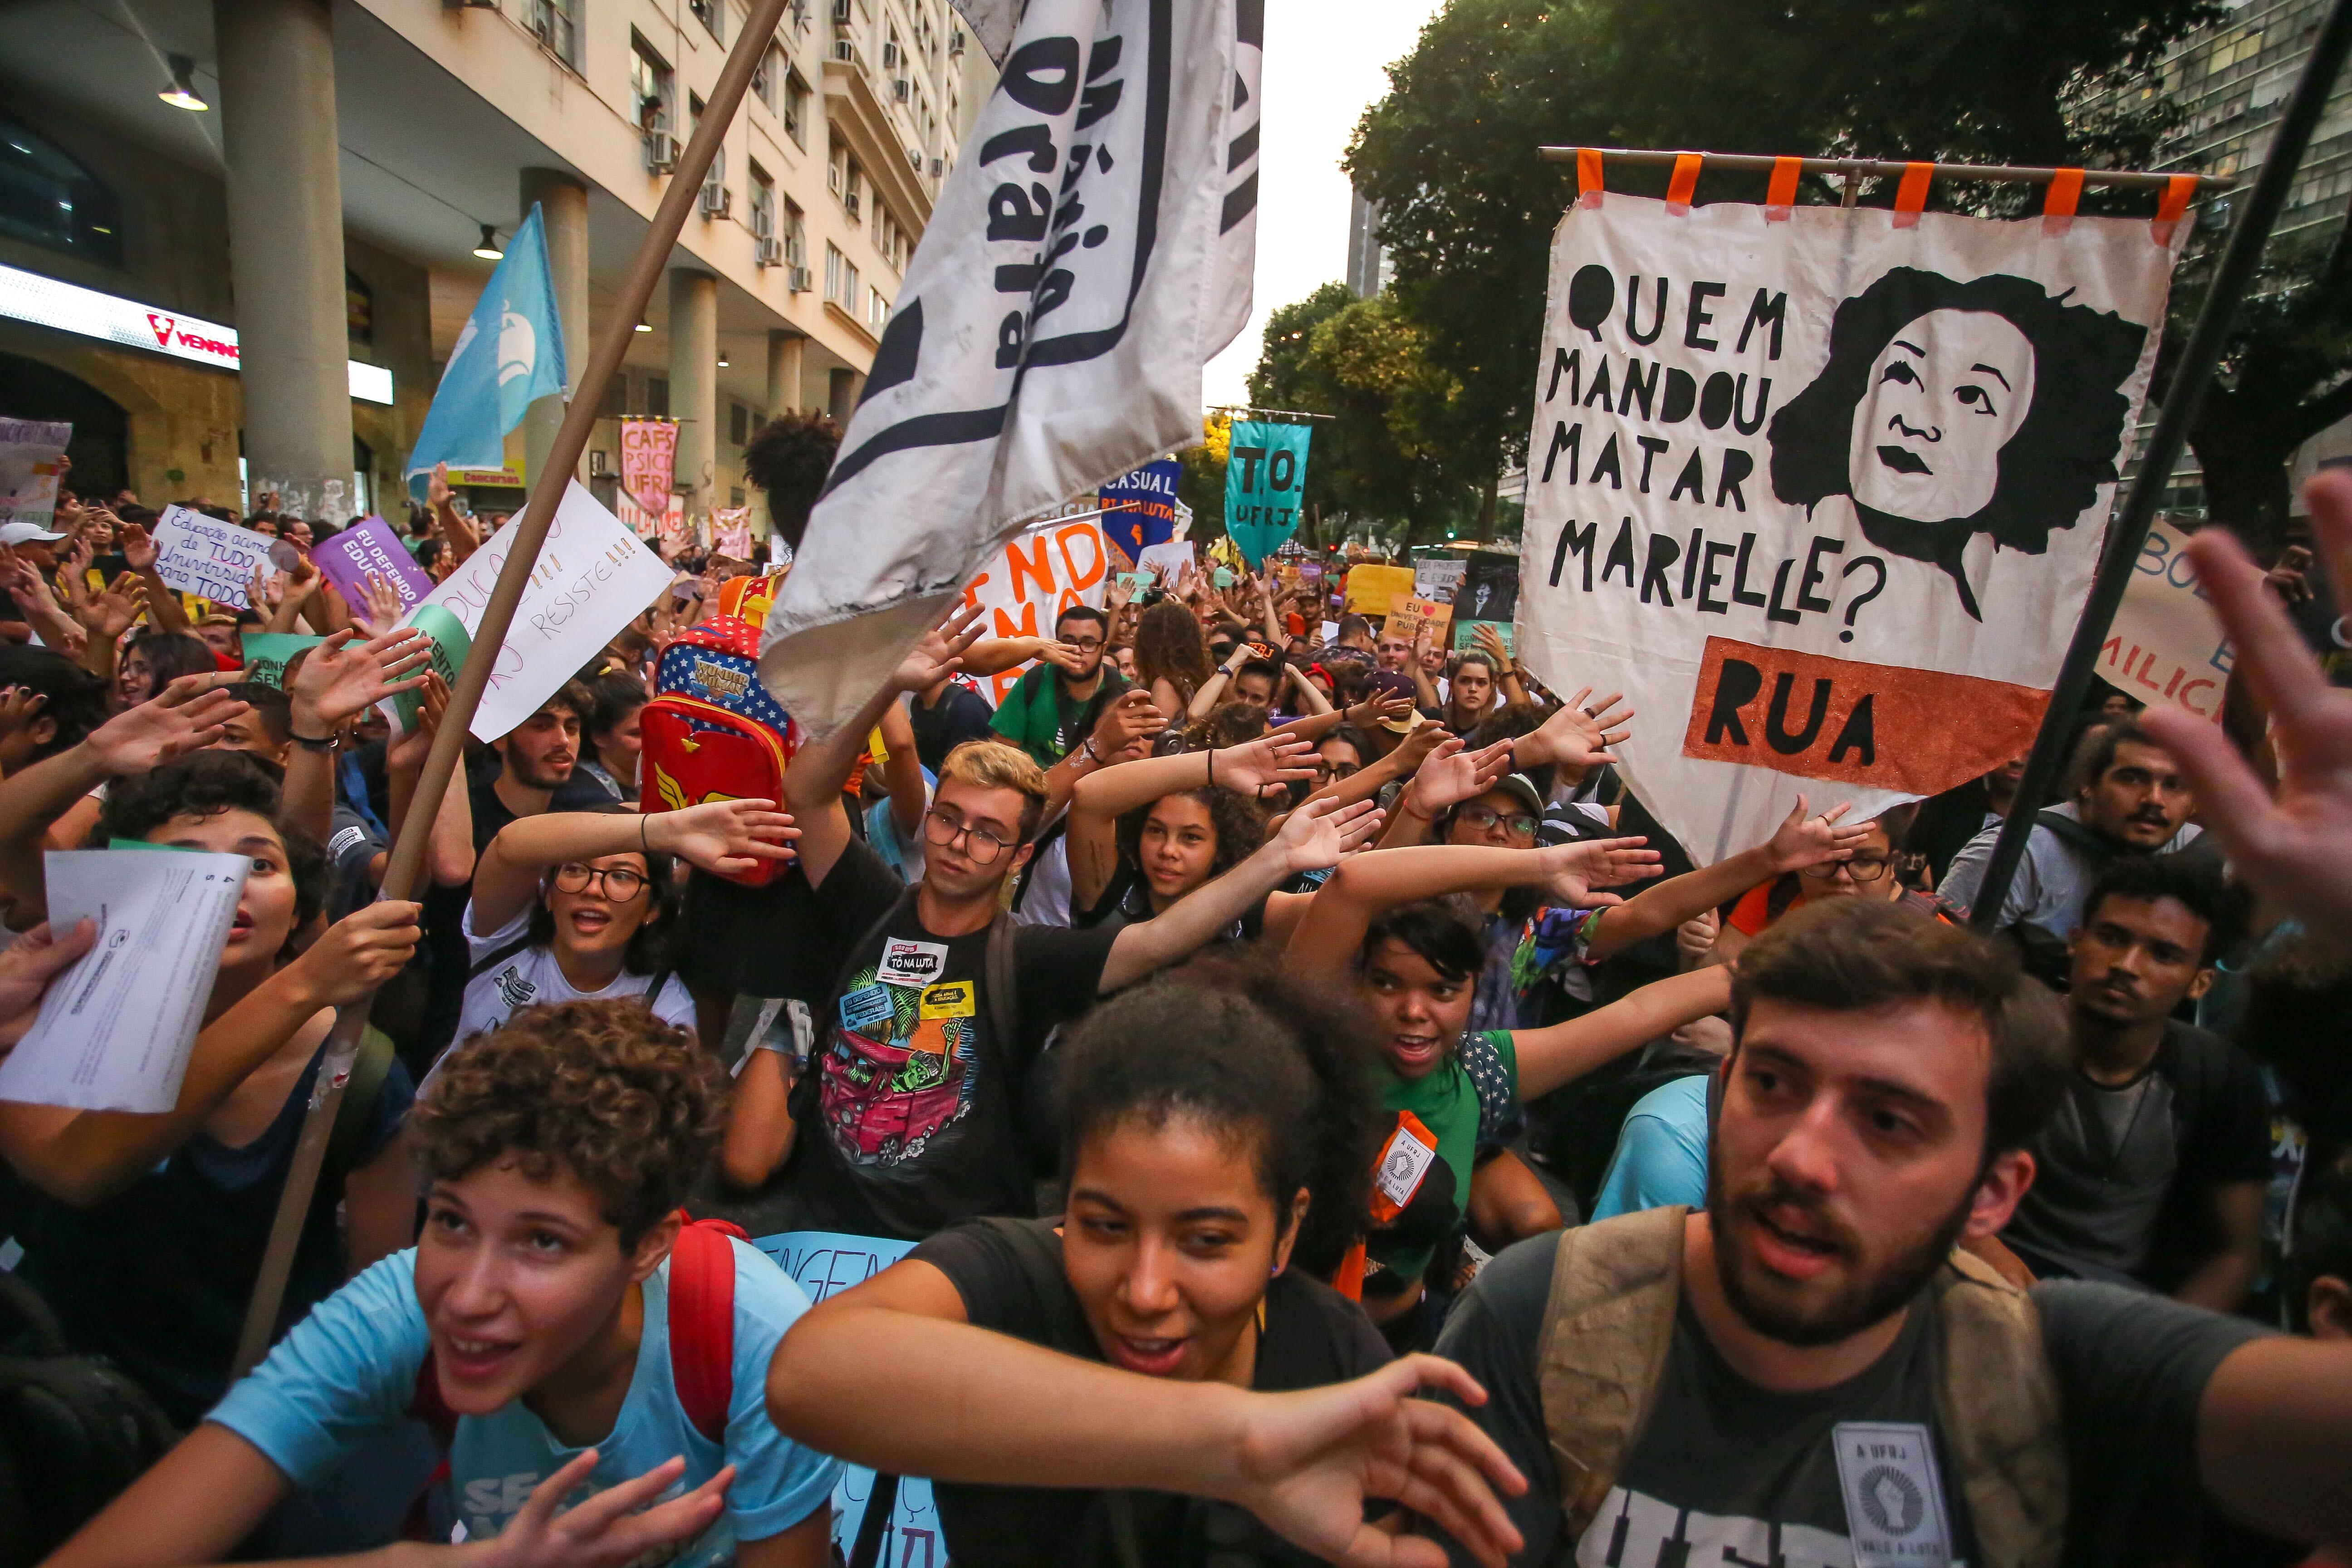 Manifestantes na Praça da Candelária, na região central do Rio de Janeiro. Foto: Marcelo Regua/Agência O Globo - 30.5.19